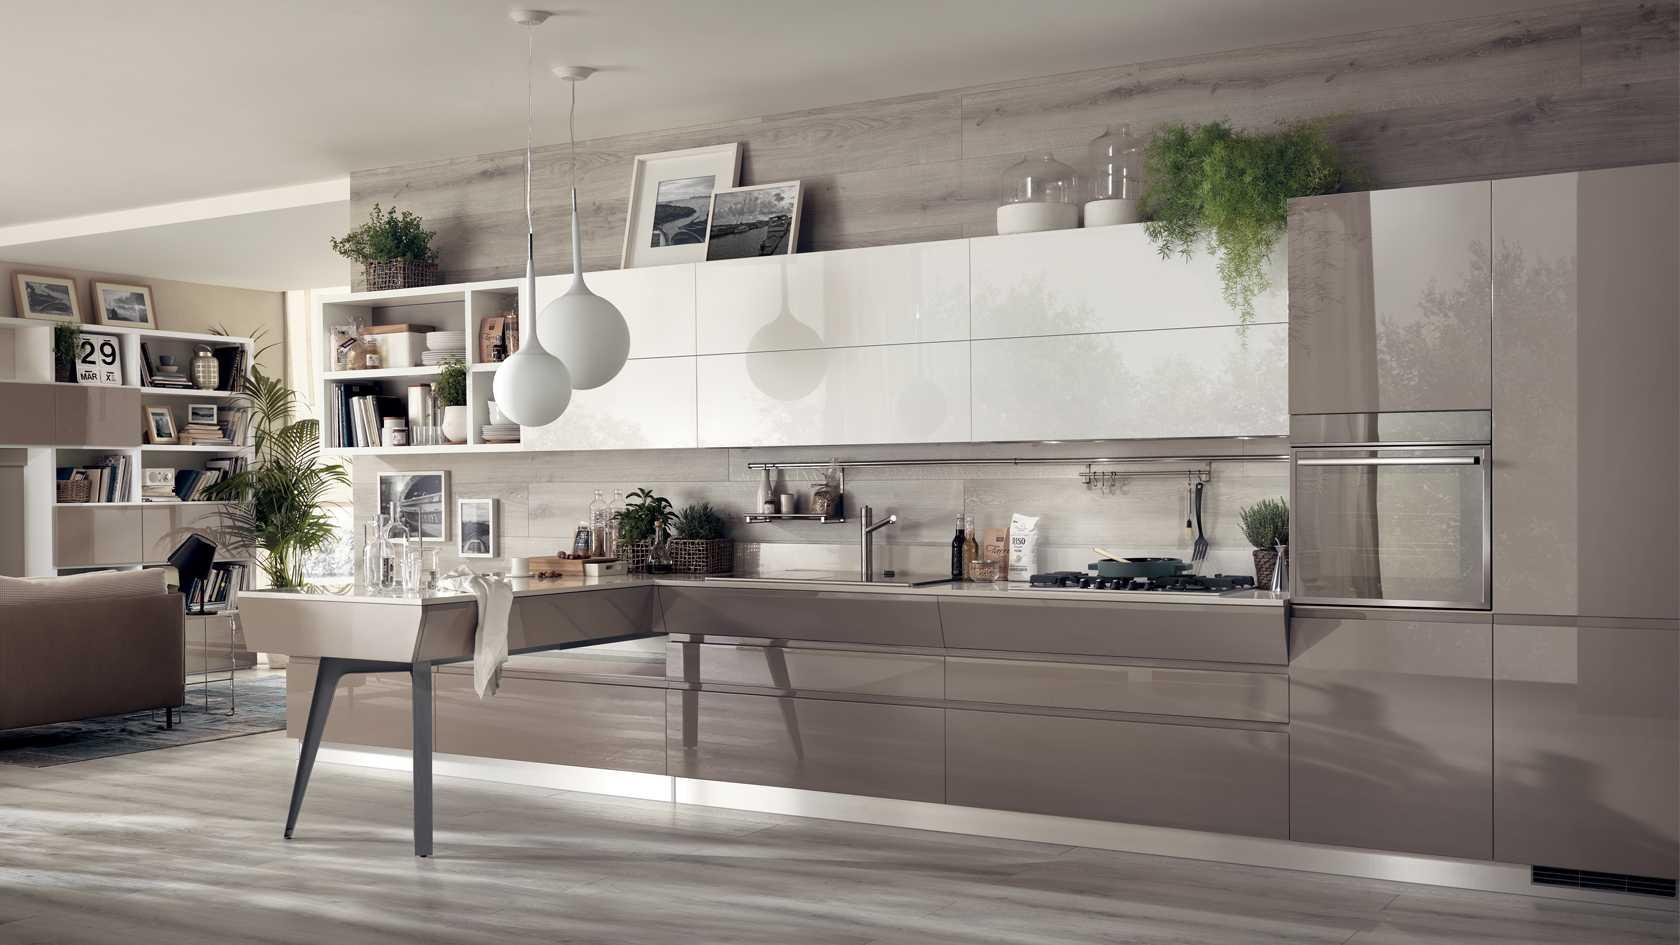 Acrylic tạo nên sự mới mẻ, thu hút mọi ánh nhìn khi bước vào gian bếp